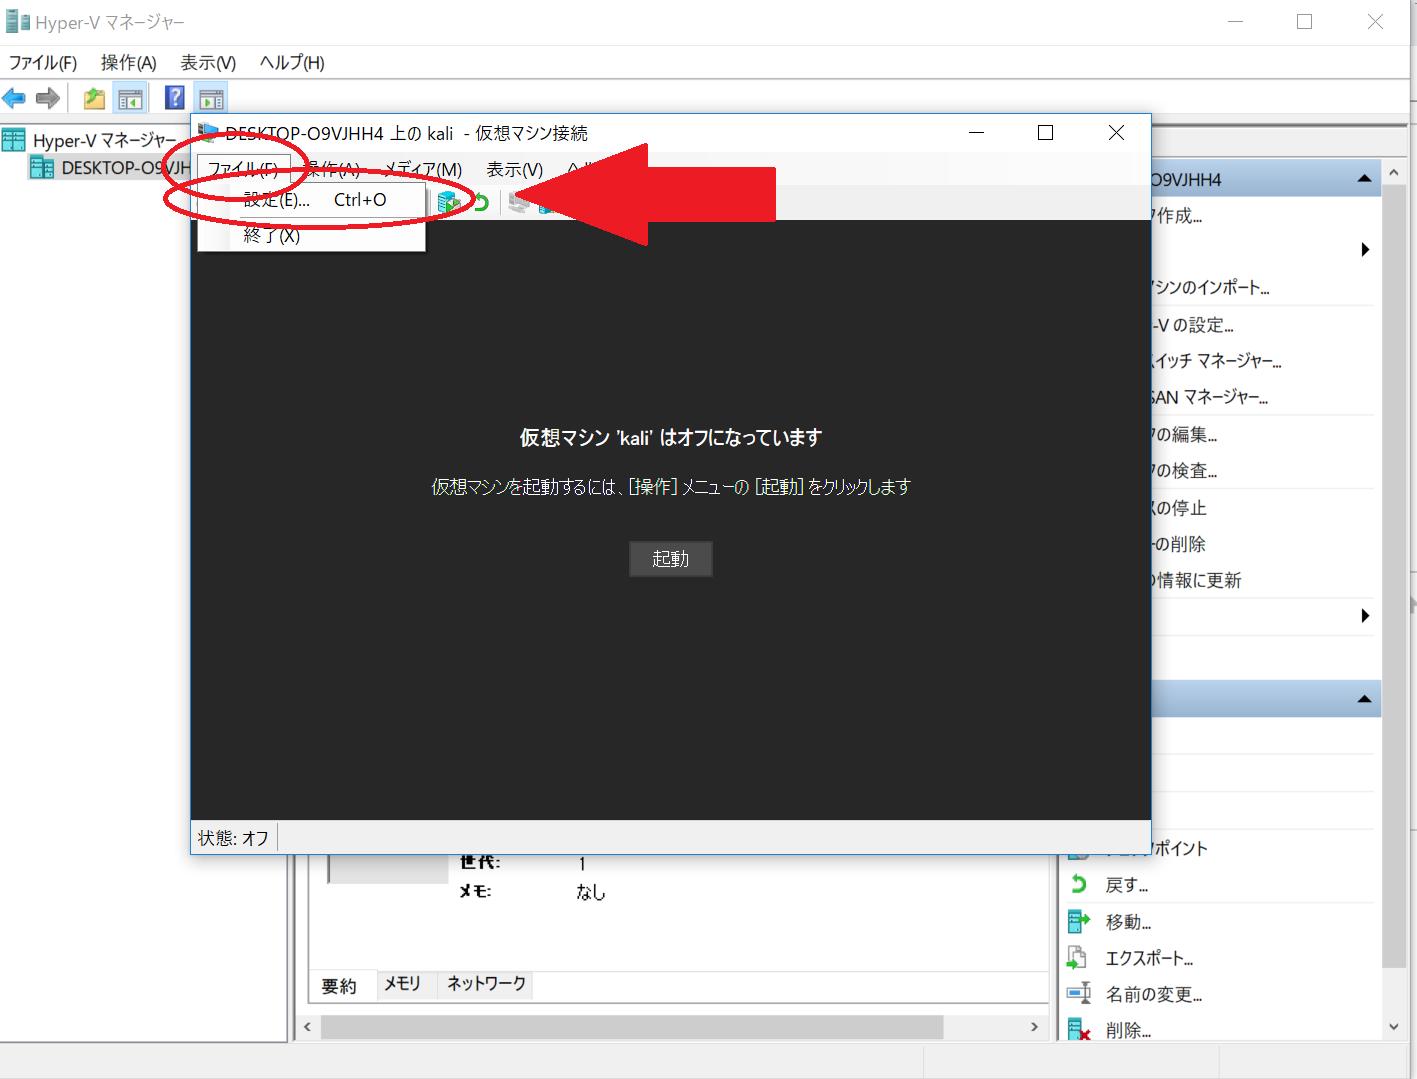 ホワイトハッカー:03 hyper-v上のkalilinuxのネットワーク設定 [サルでも